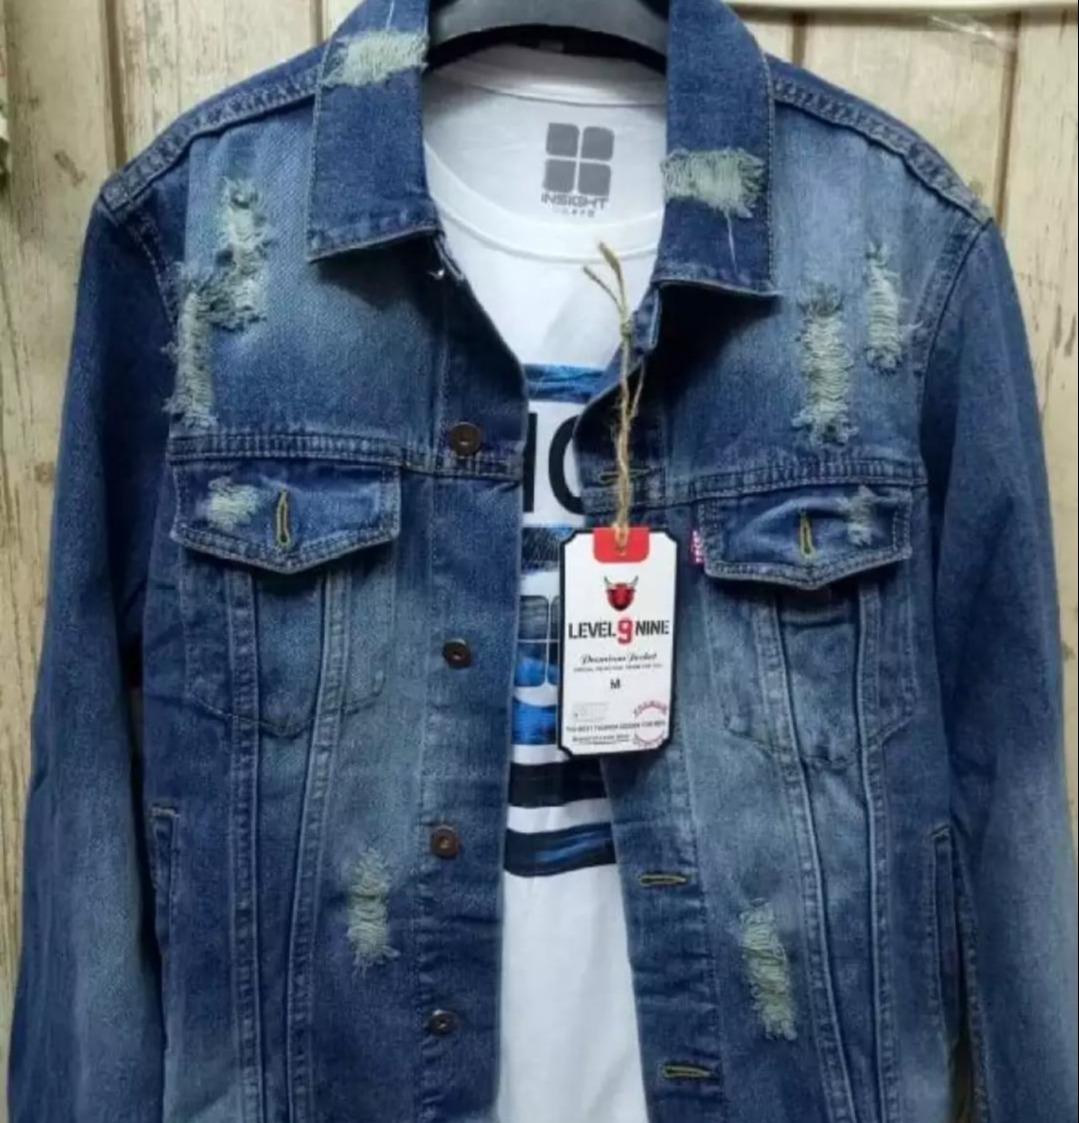 promo/jaket jeans pria levis model tempel tet / jaket jeans pria premium casual pria  terlaris/swf store